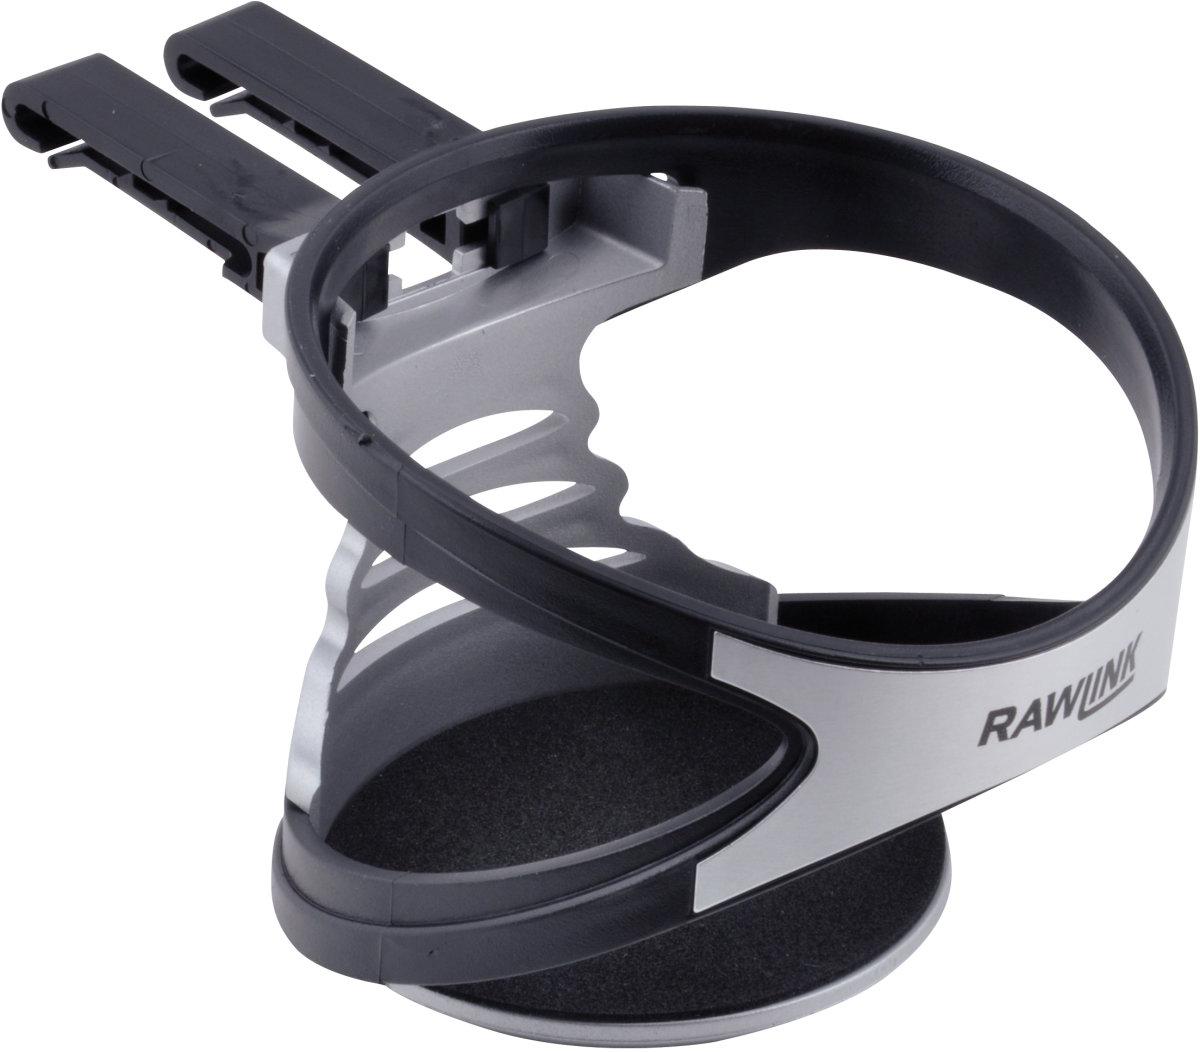 Rawlink kopholder t/ bilen, 1 kop